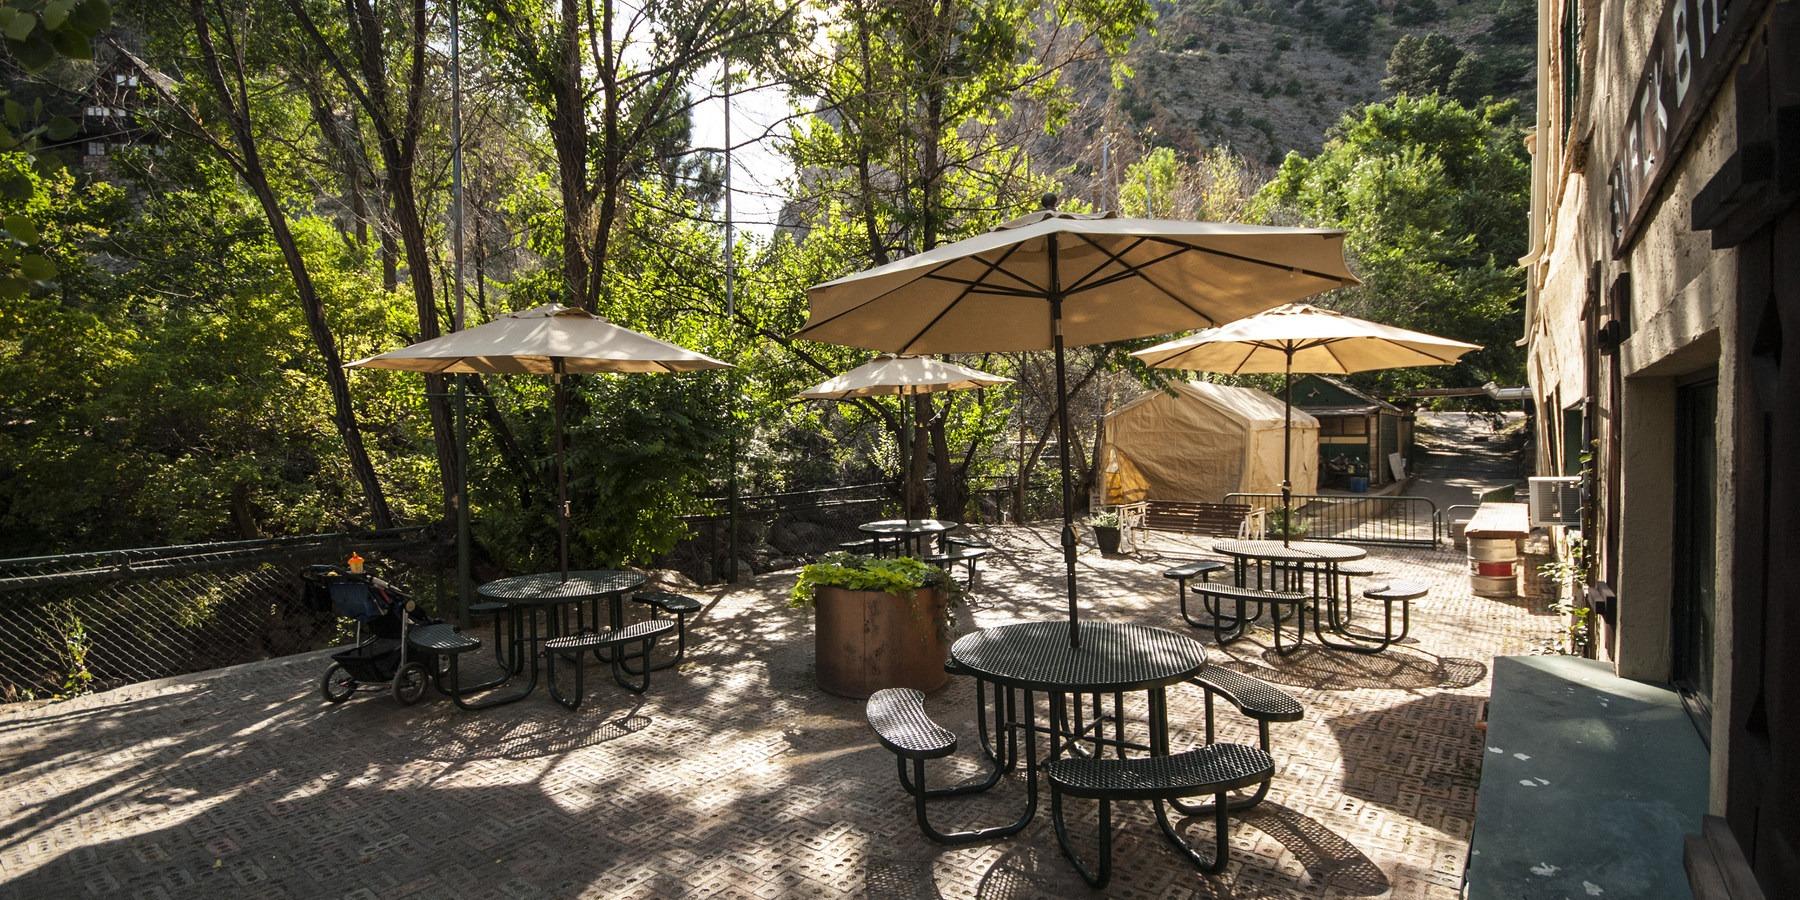 Eldorado springs pool outdoor project for Eldorado outdoor